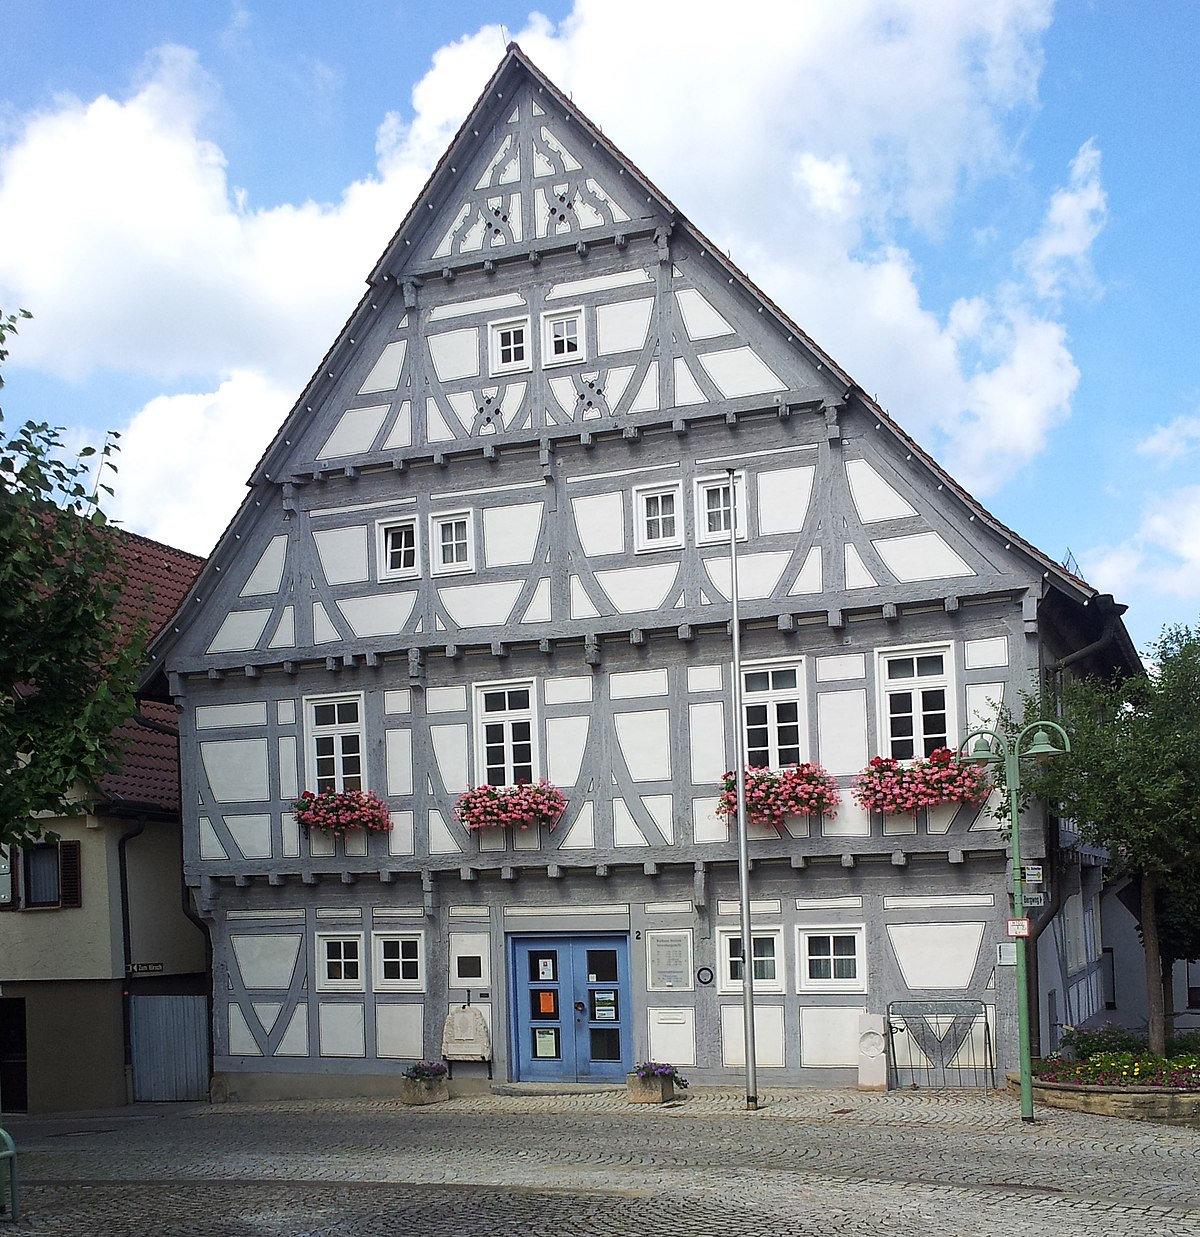 Altes Rathaus Stetten Im Remstal Wikipedia